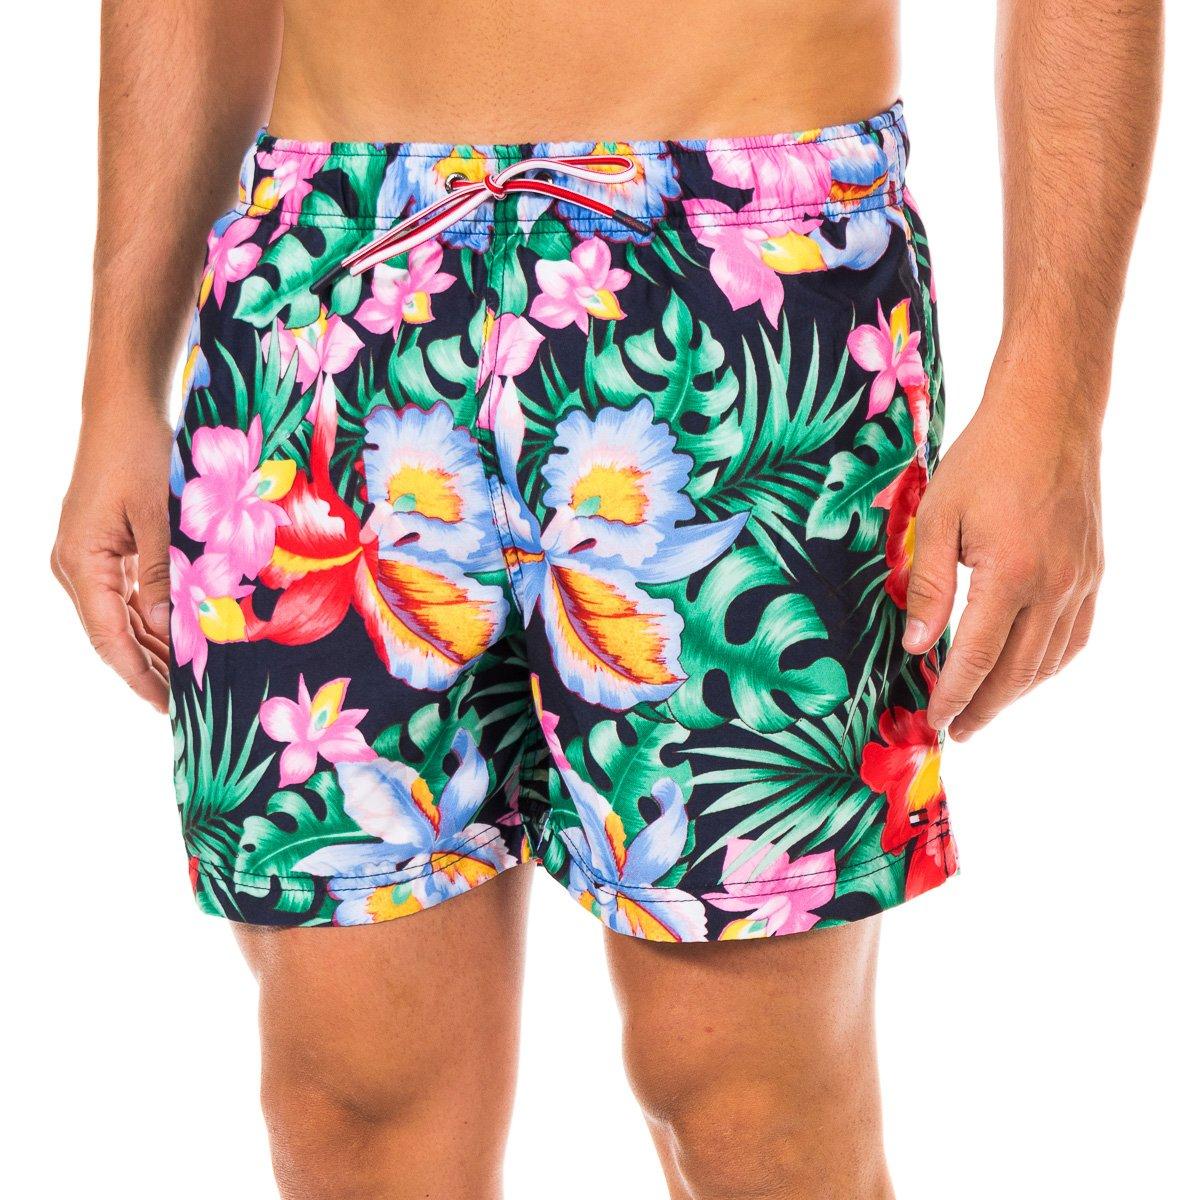 Bañador hombre - marino/floral multicolor